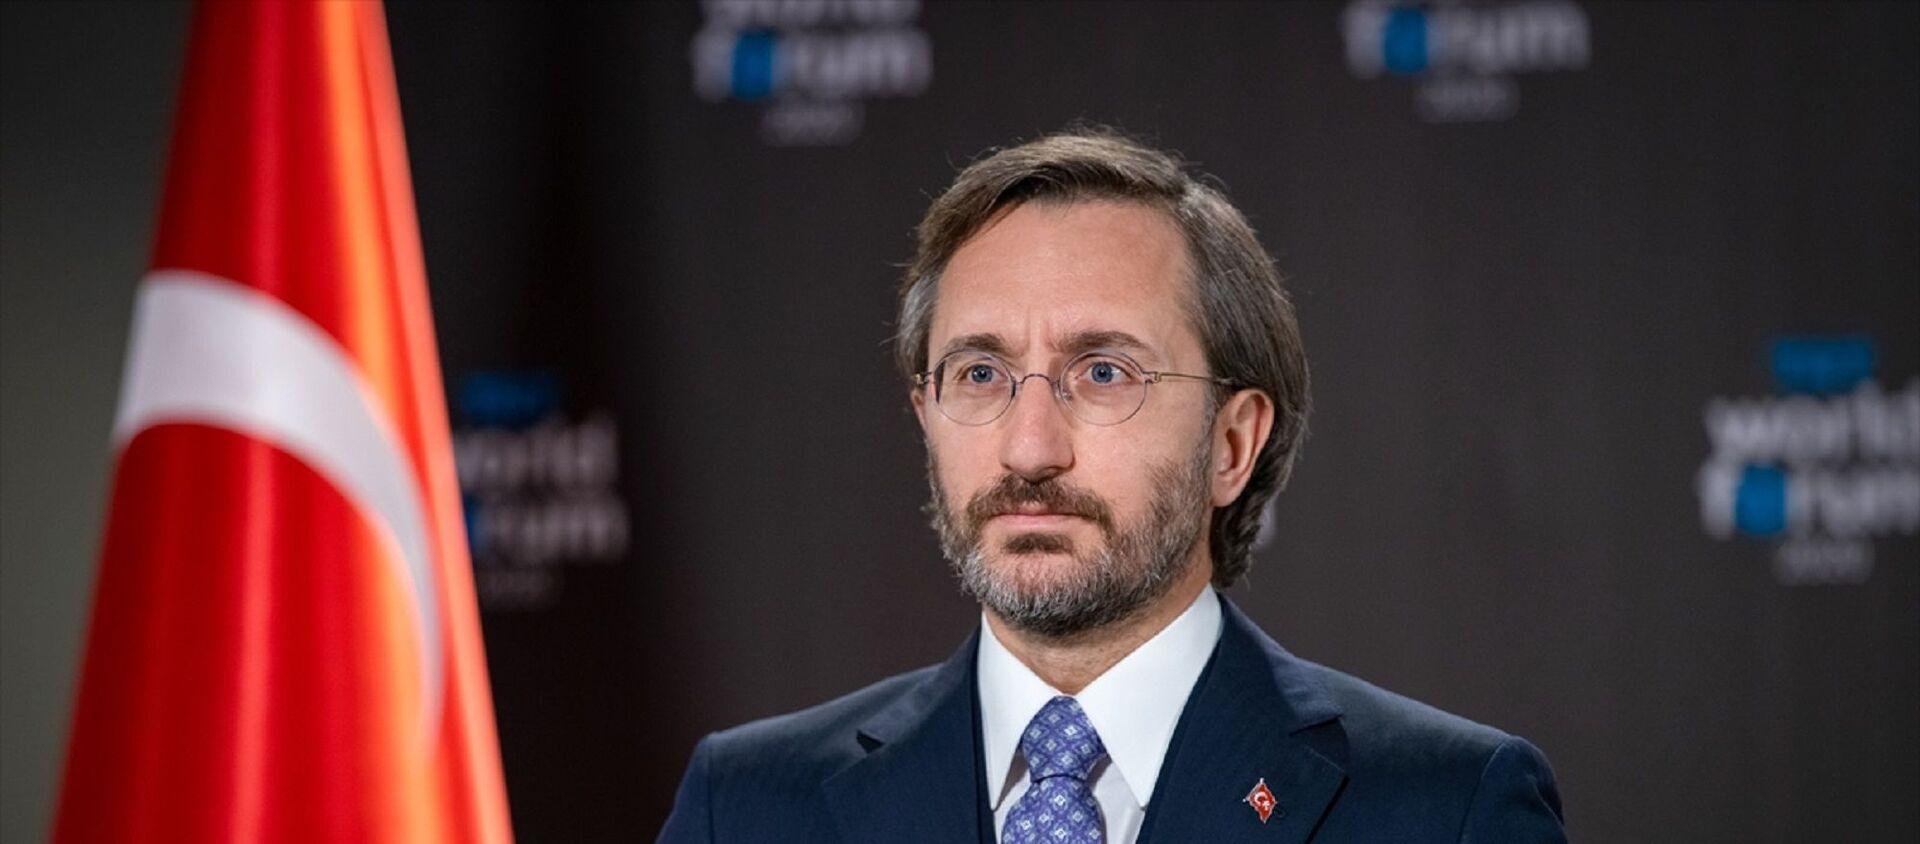 İletişim Başkanı Fahrettin Altun - Sputnik Türkiye, 1920, 15.02.2021